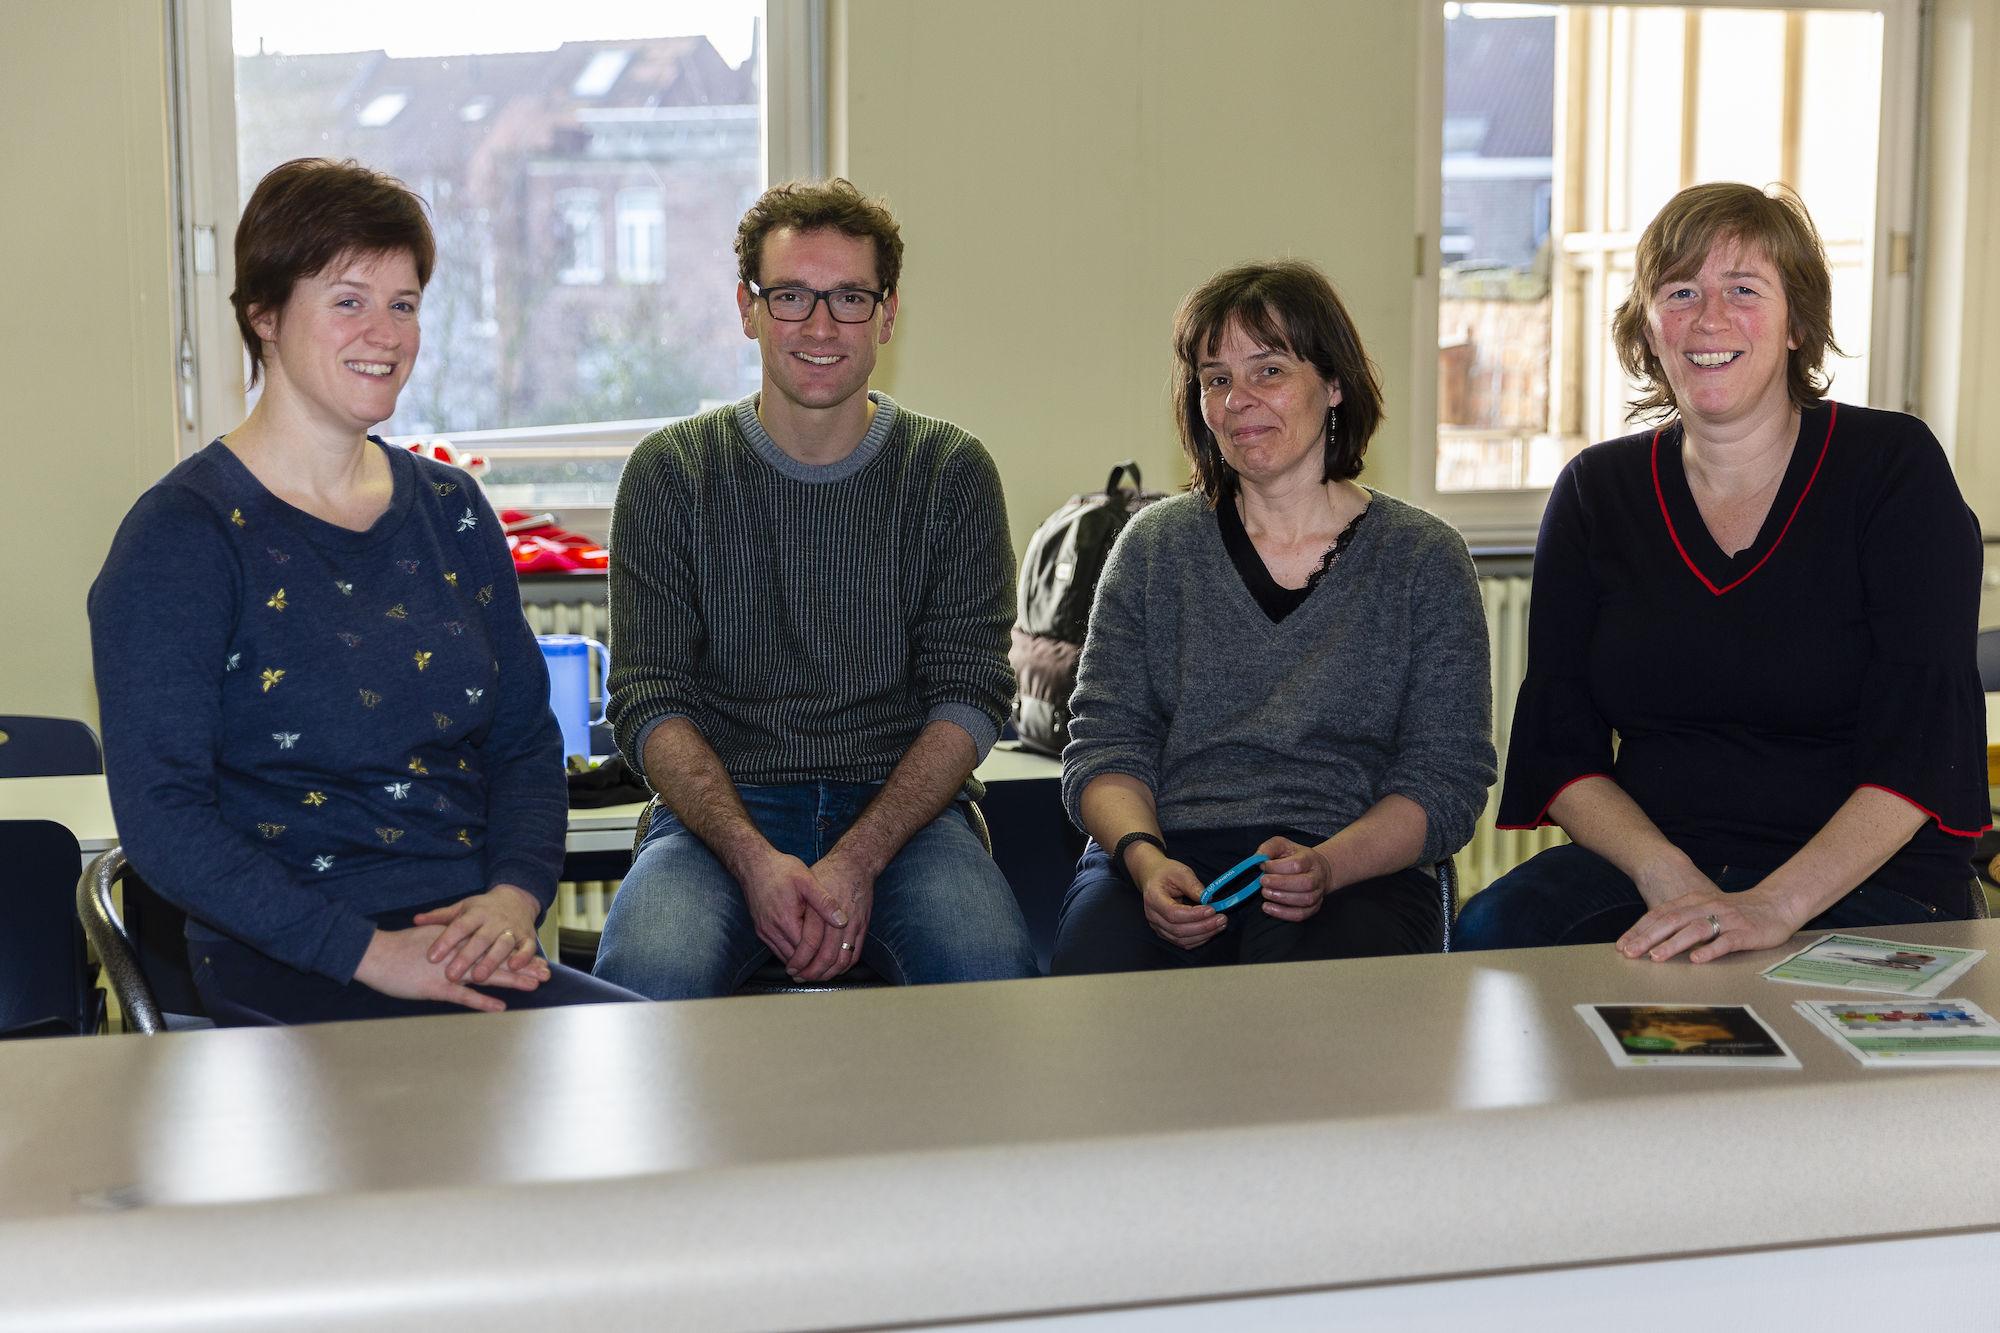 1. Teamfoto - LDC De Regenboog_Team Dienstverlening.jpg